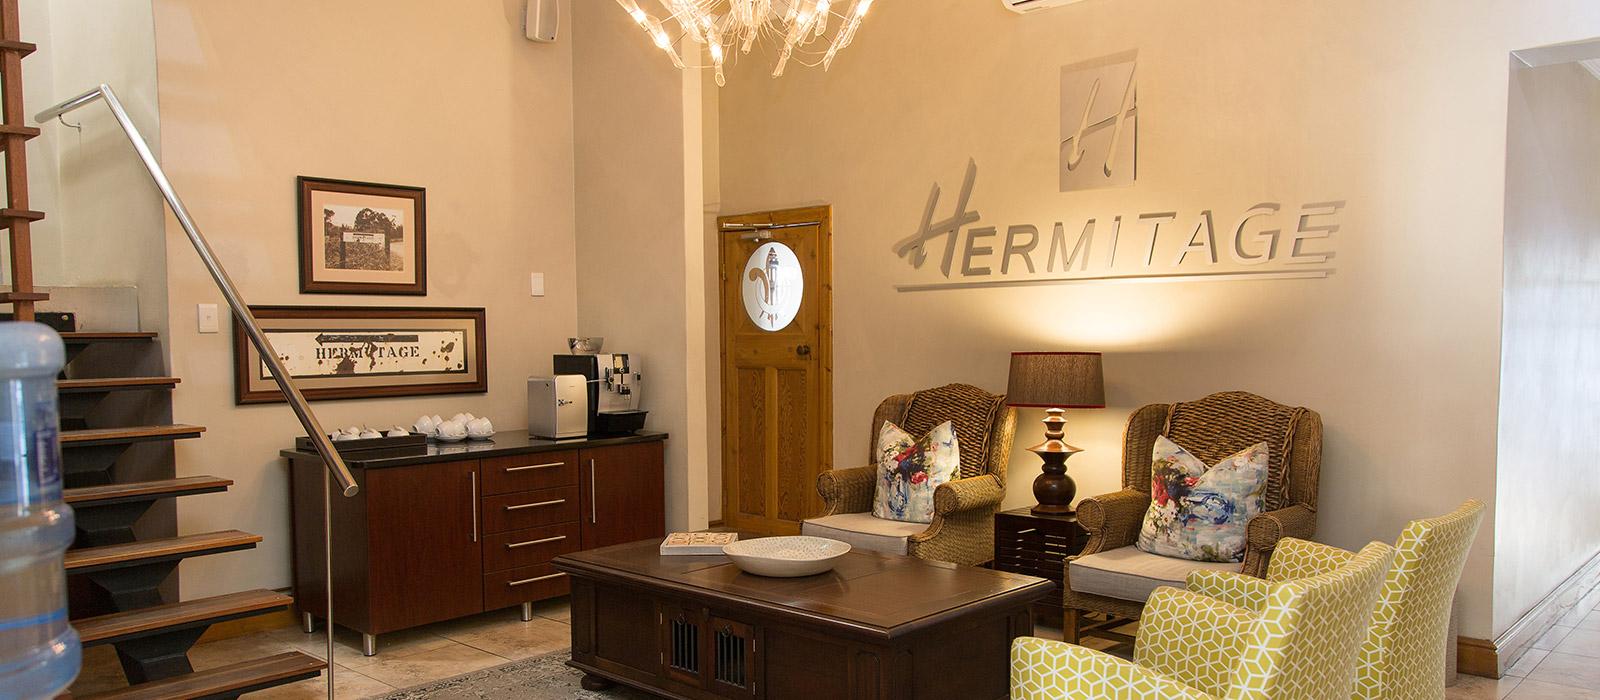 hermitage_slider_banner_01